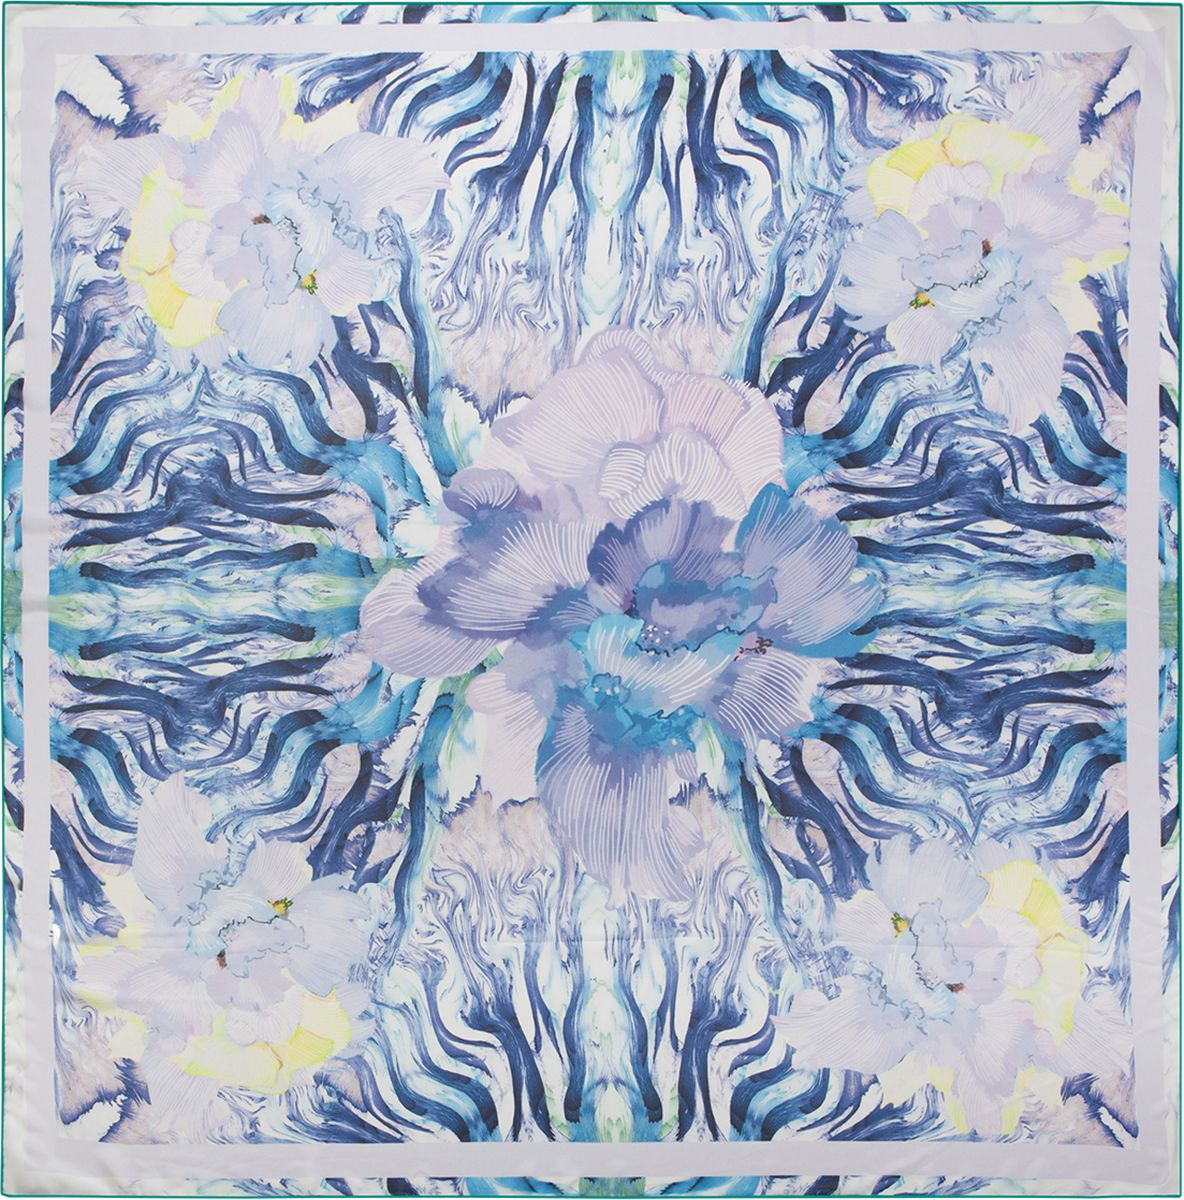 Платок женский Eleganzza, цвет: синий, голубой. D02-1194. Размер 110 см х 110 смD02-1194Платок Eleganzza, выполненный из шелка, идеально дополнит образ современной женщины. Модель оформлена принтом. Классическая квадратная форма позволяет носить платок на шее, украшать им прическу или декорировать сумочку. С таким аксессуаром вы всегда будете выглядеть стильно и модно.